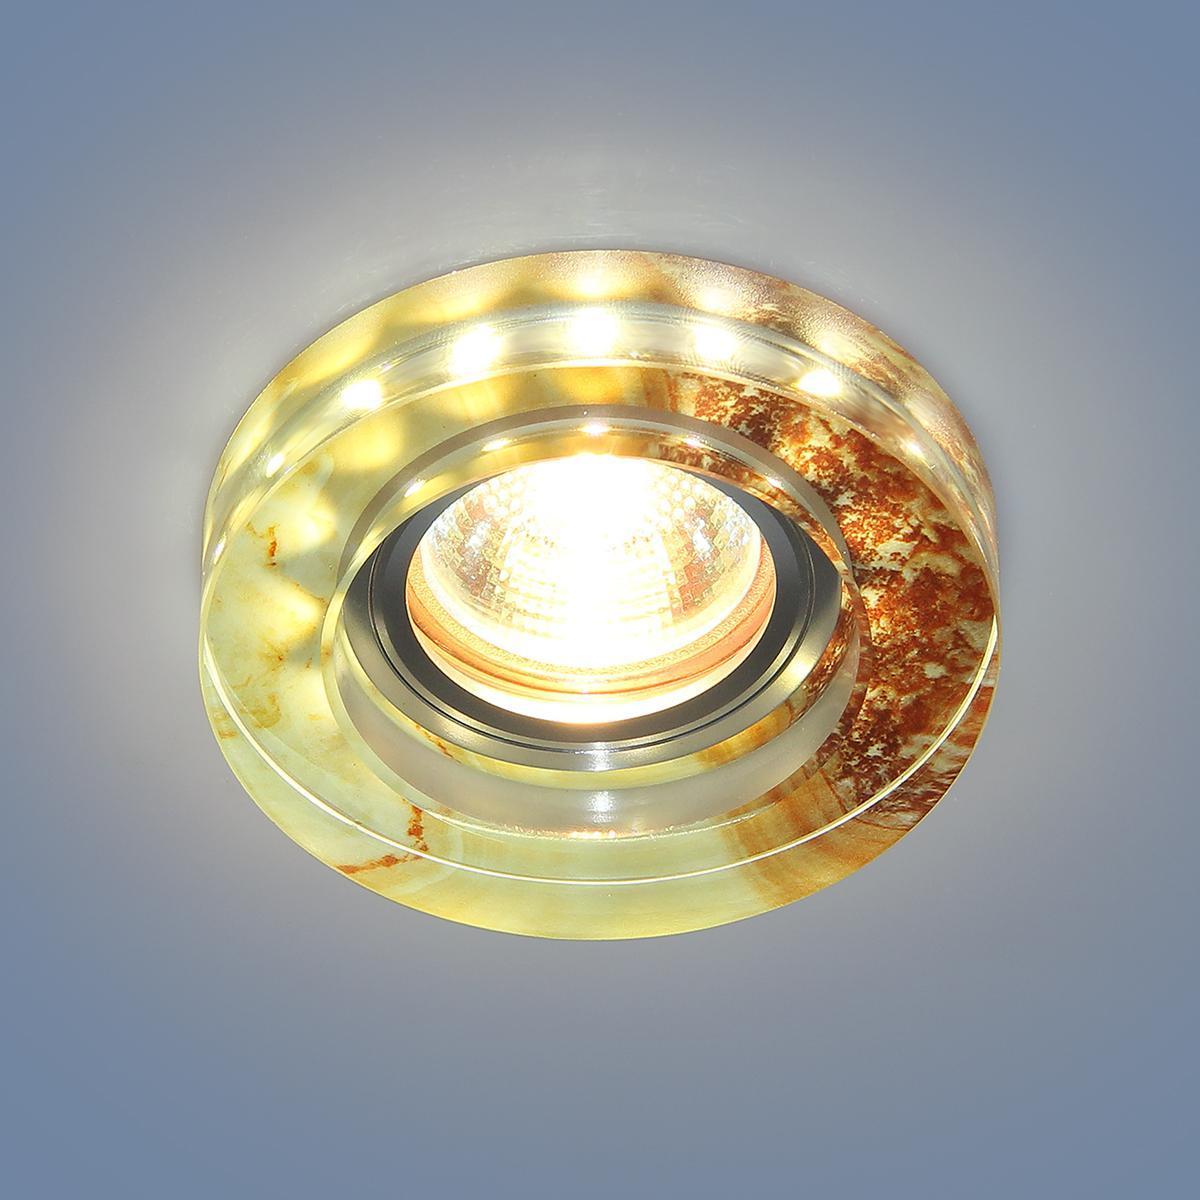 Фото - Встраиваемый светильник Elektrostandard 2190 MR16 YL желто-терракотовый 4690389083228 cветильник галогенный de fran встраиваемый 1х50вт mr16 ip20 зел античное золото